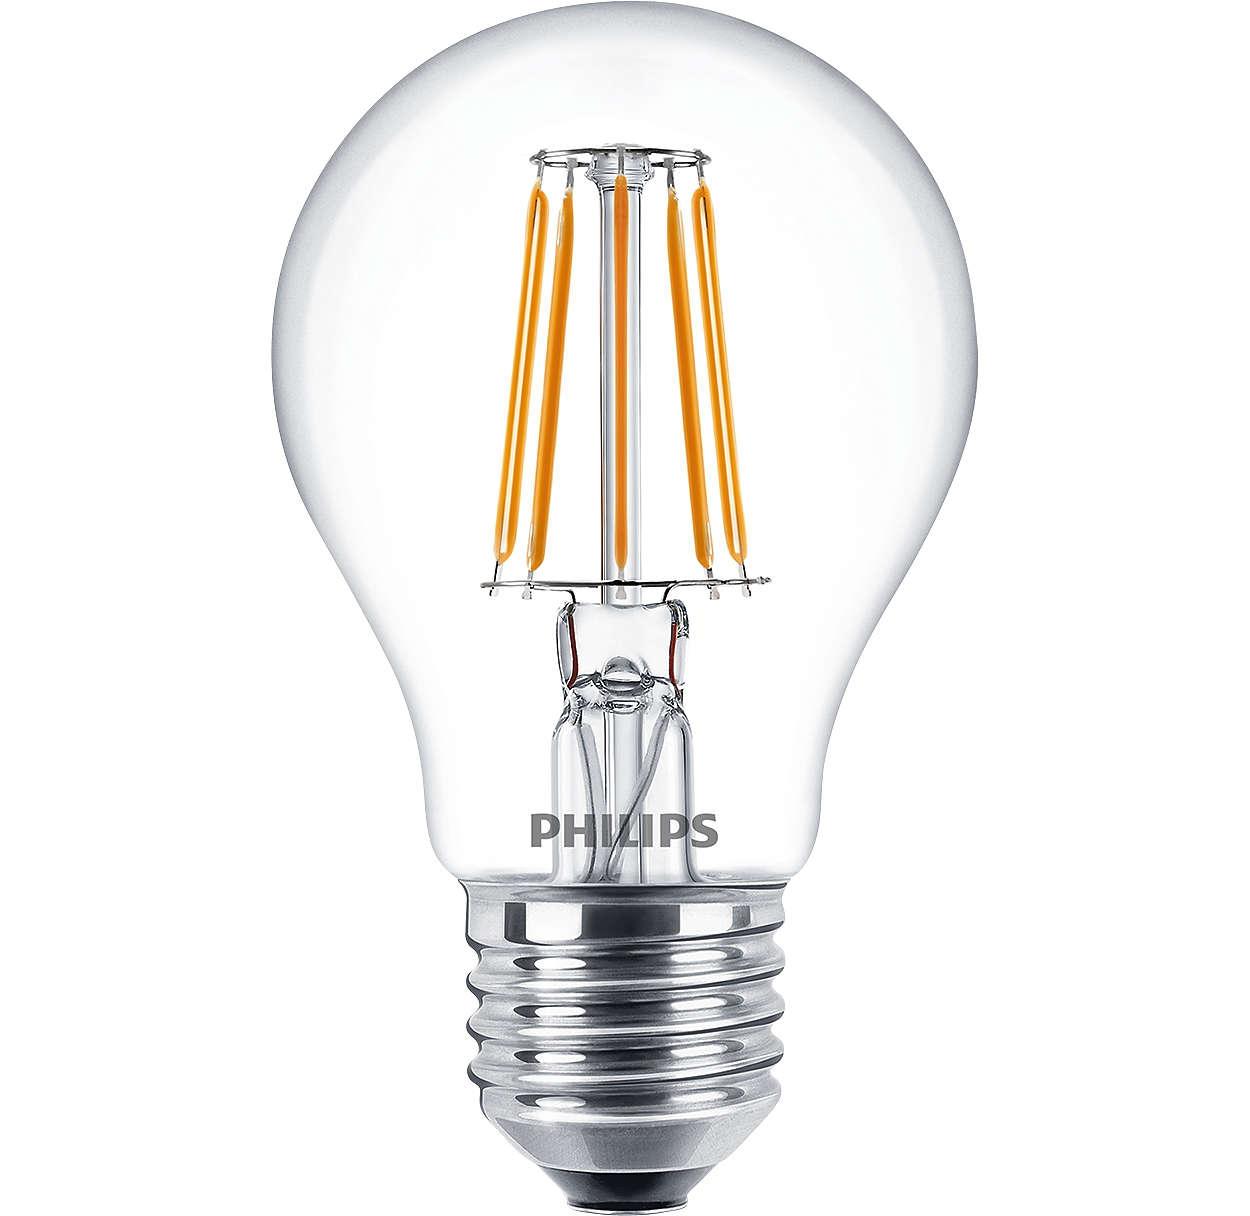 Cla ledbulb nd 4 3 40w e27 ww a60 cl classic led filamento - Iluminacion led decorativa ...